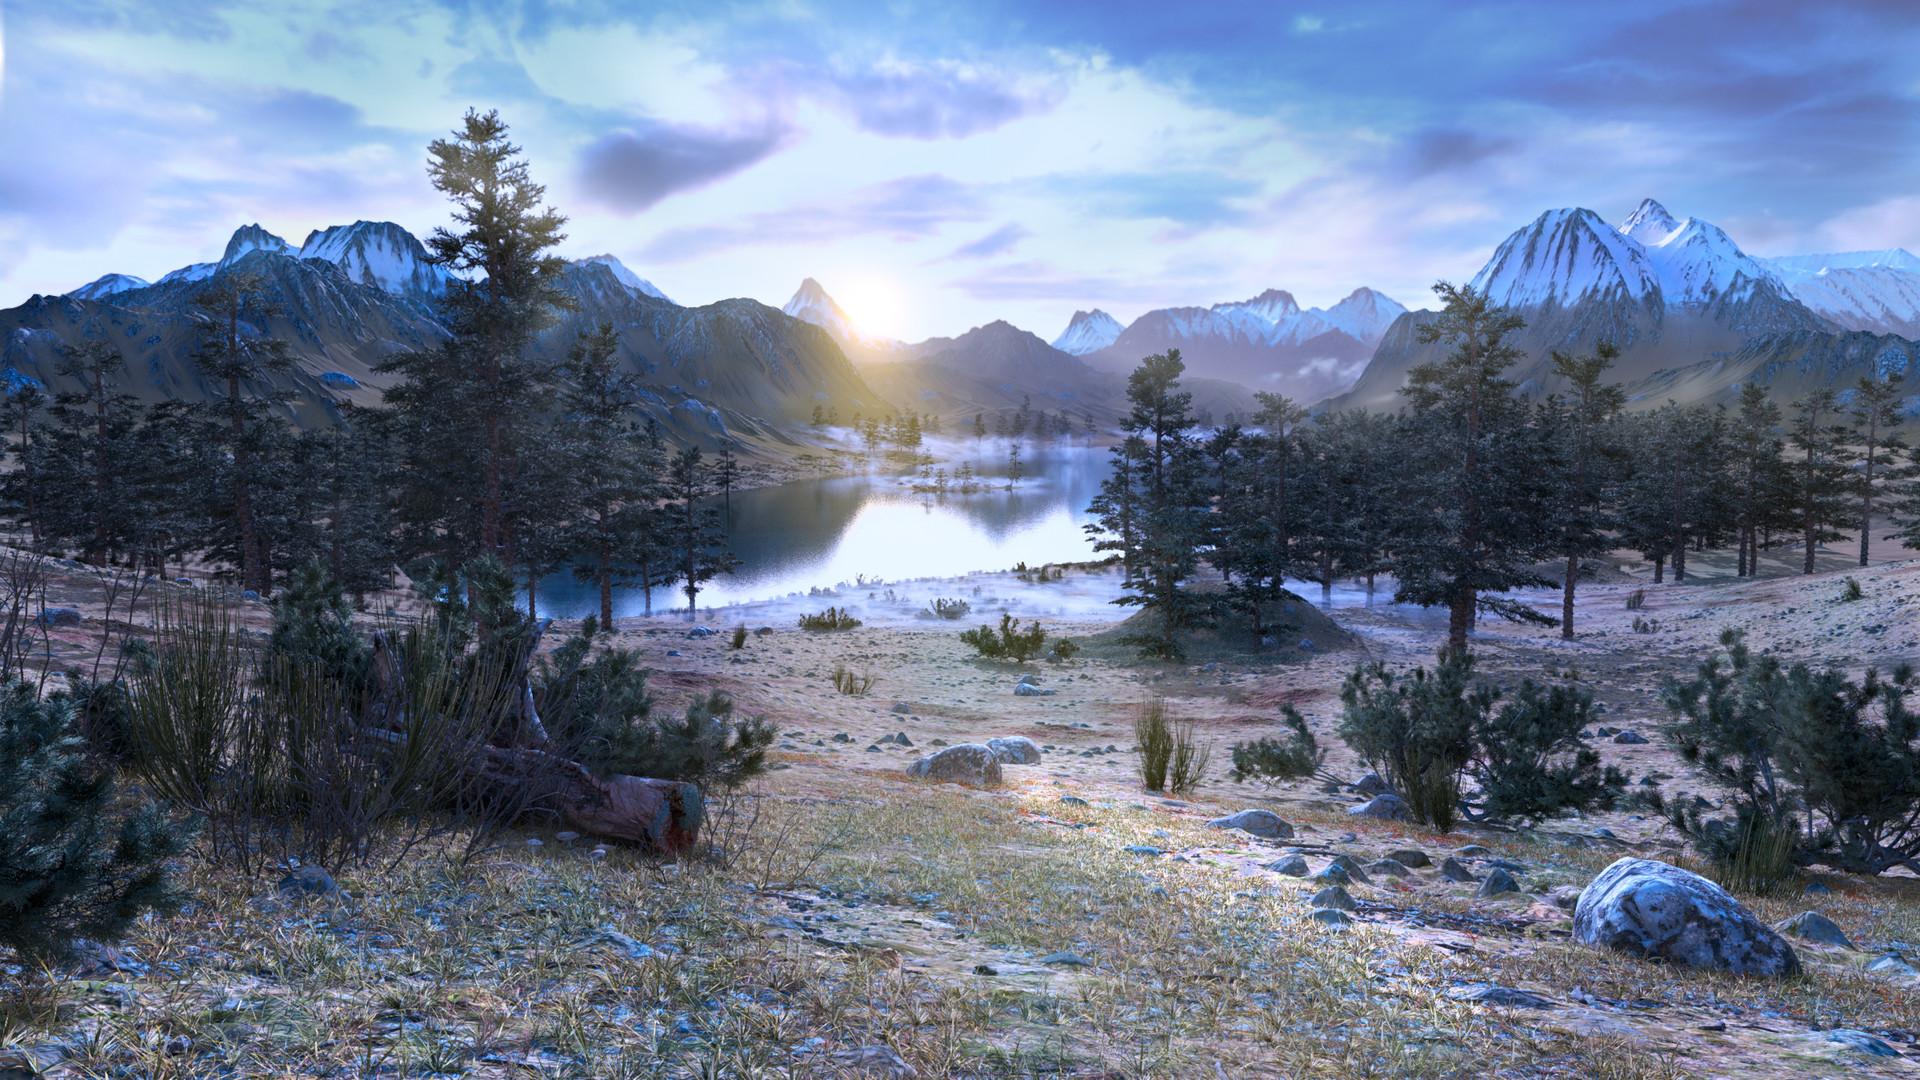 ArtStation - Lake in the mountains, Viktor Tar